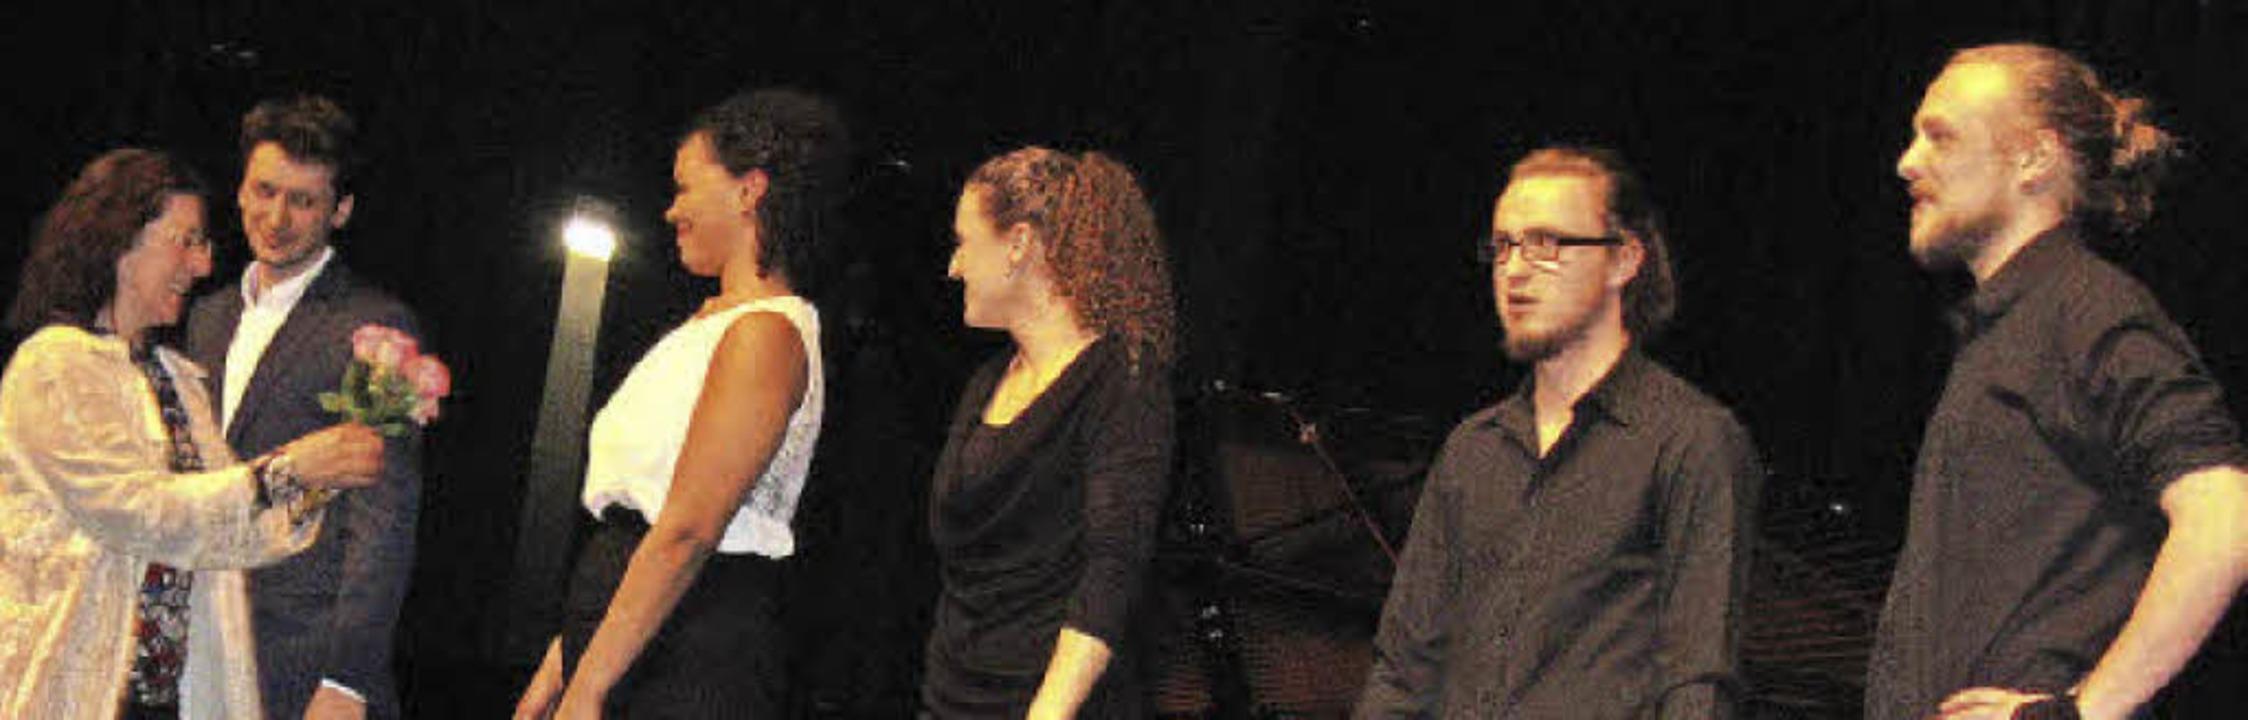 Gabriele Kniesel bedankte sich bei den...ny Ries und Thomas Wiebe (von links).   | Foto: Thomas Kunz/Hildegard Karig